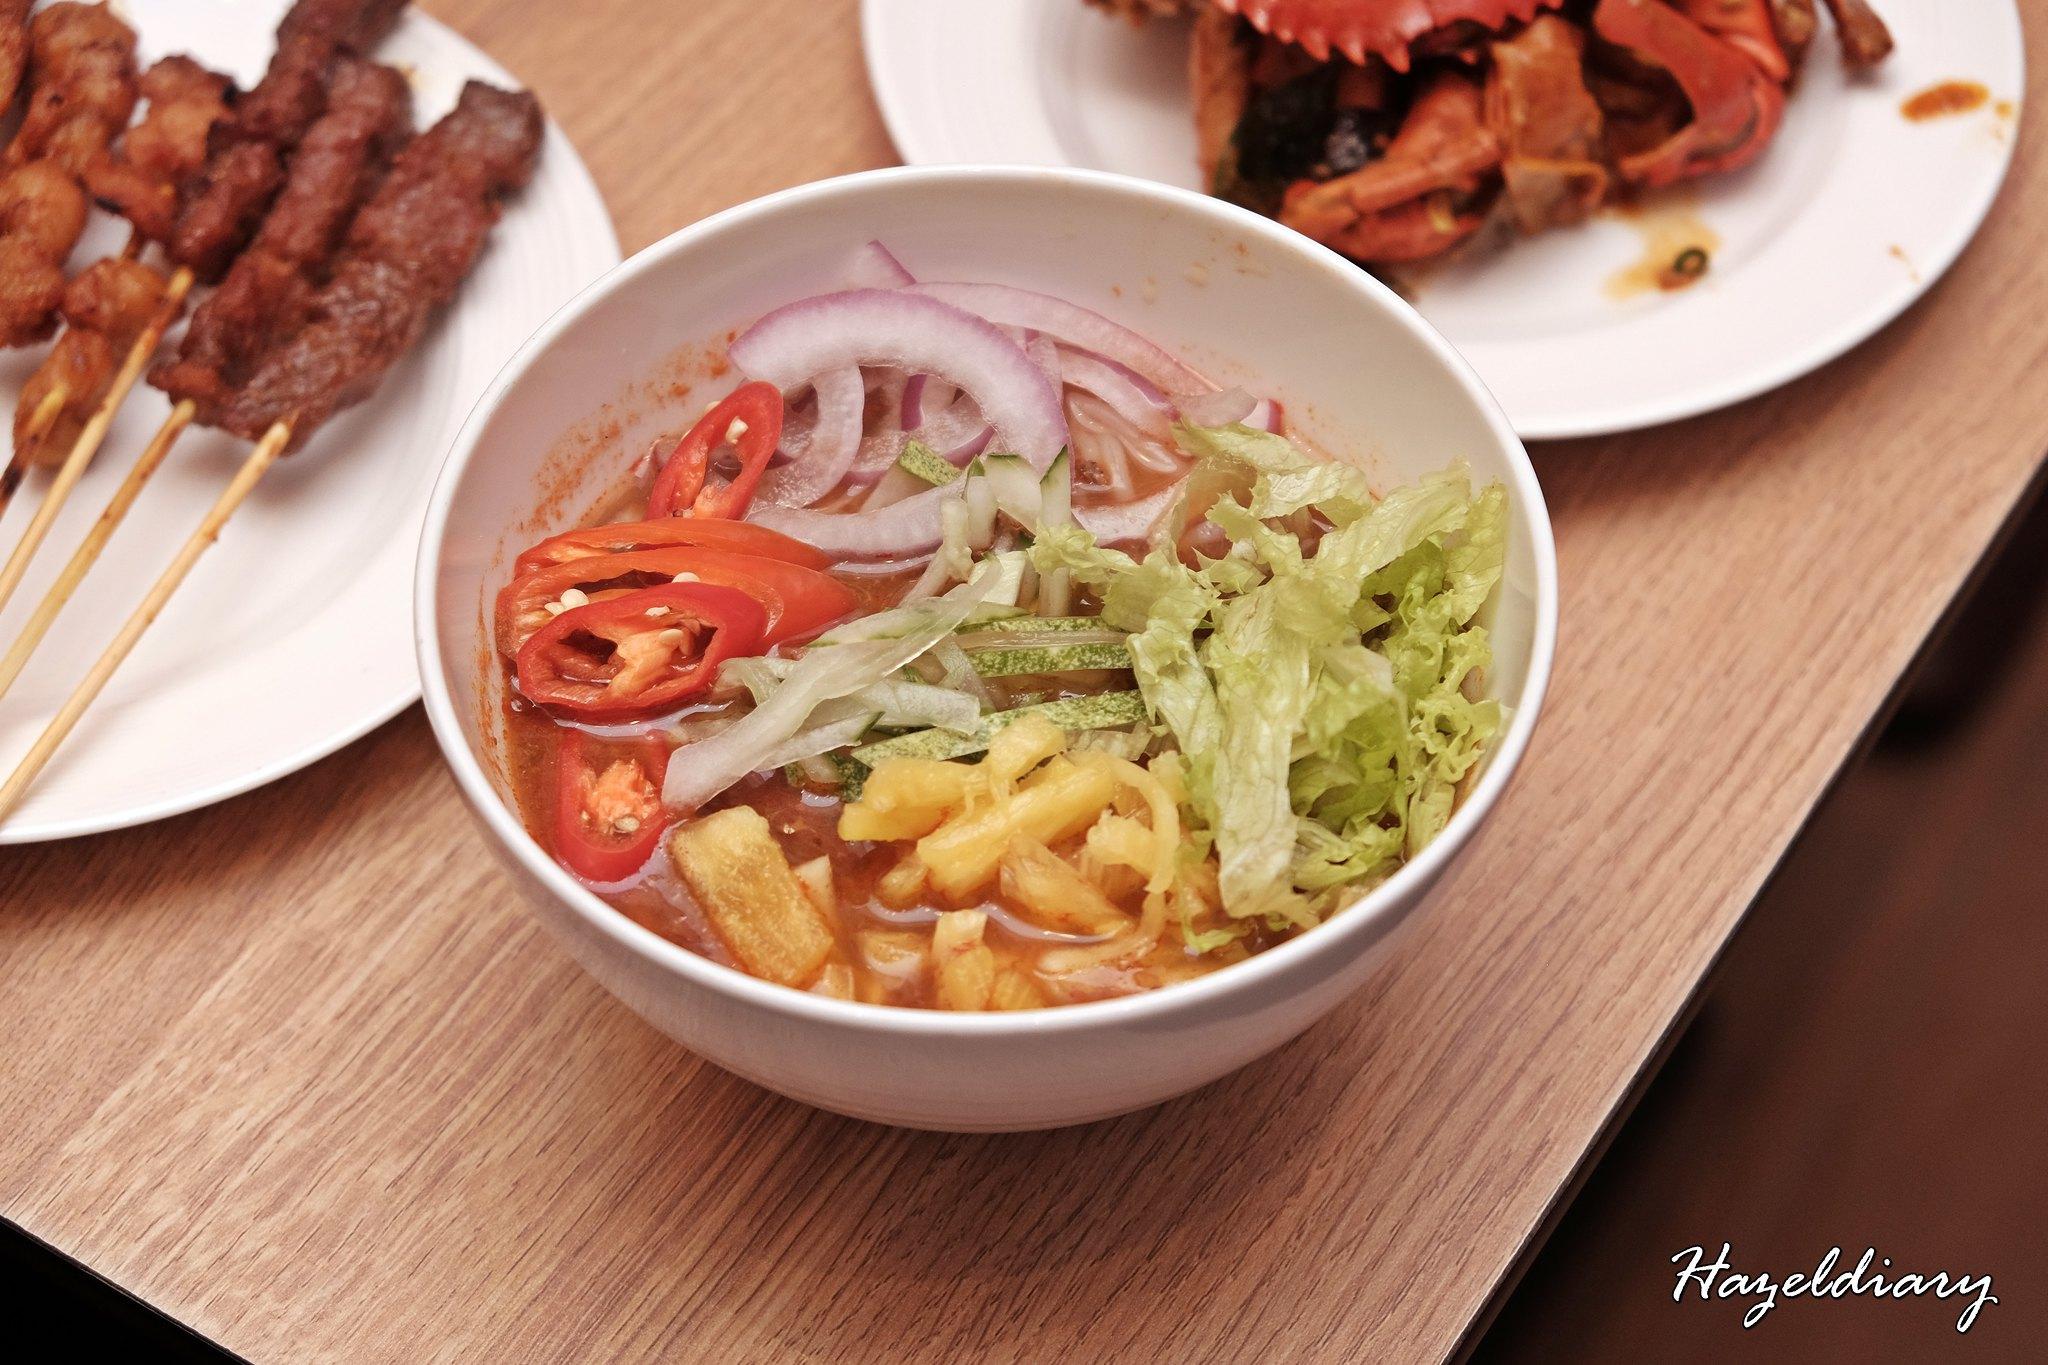 Penang Food Fare Buffet-Sky22 Courtyard Marriott-Asam Laksa